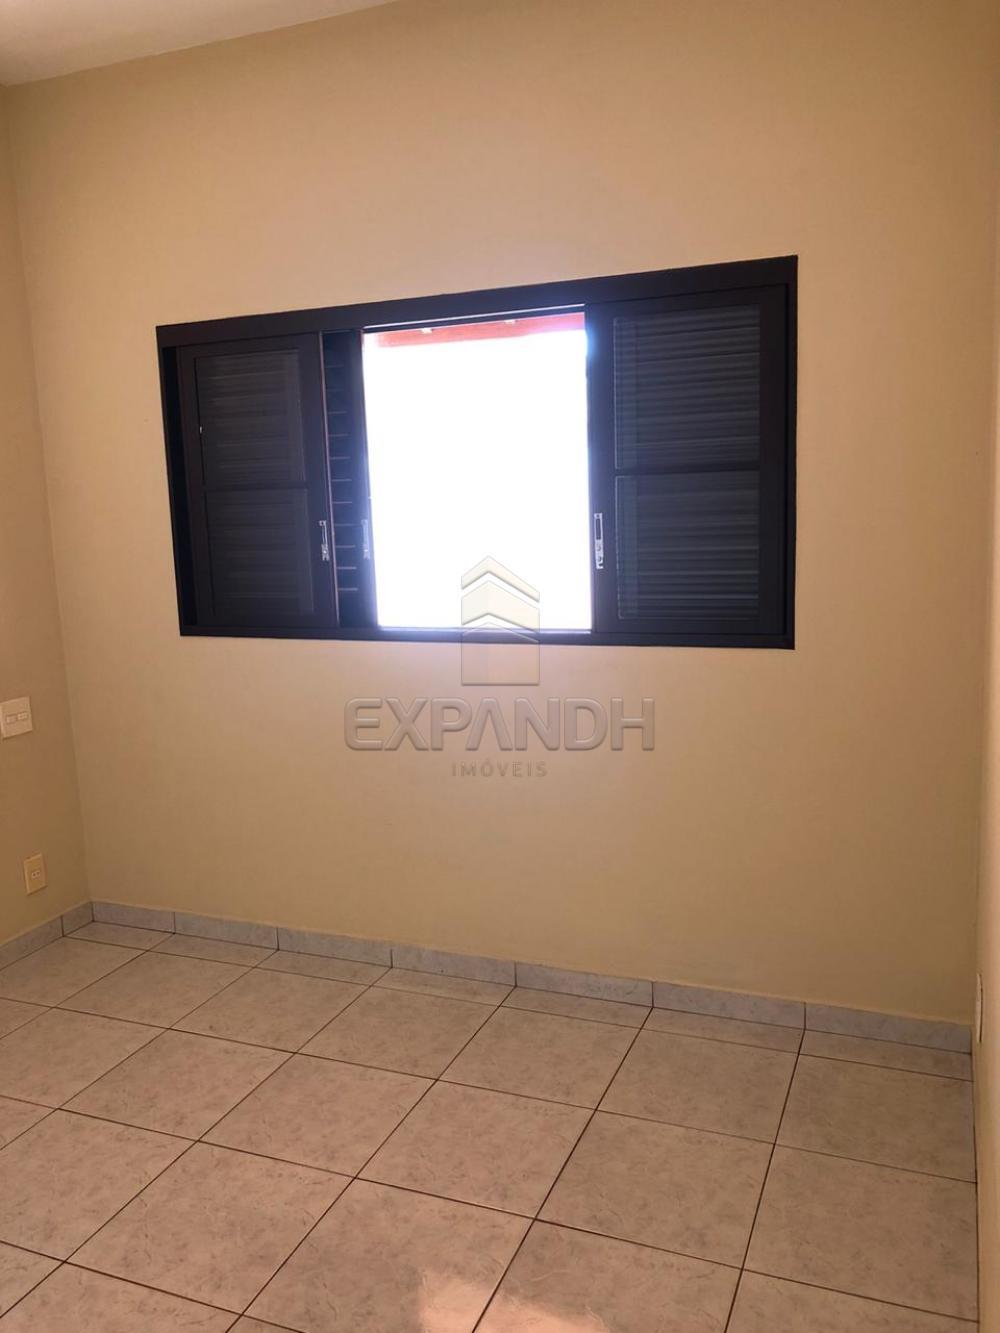 Alugar Casas / Padrão em Sertãozinho R$ 700,00 - Foto 11